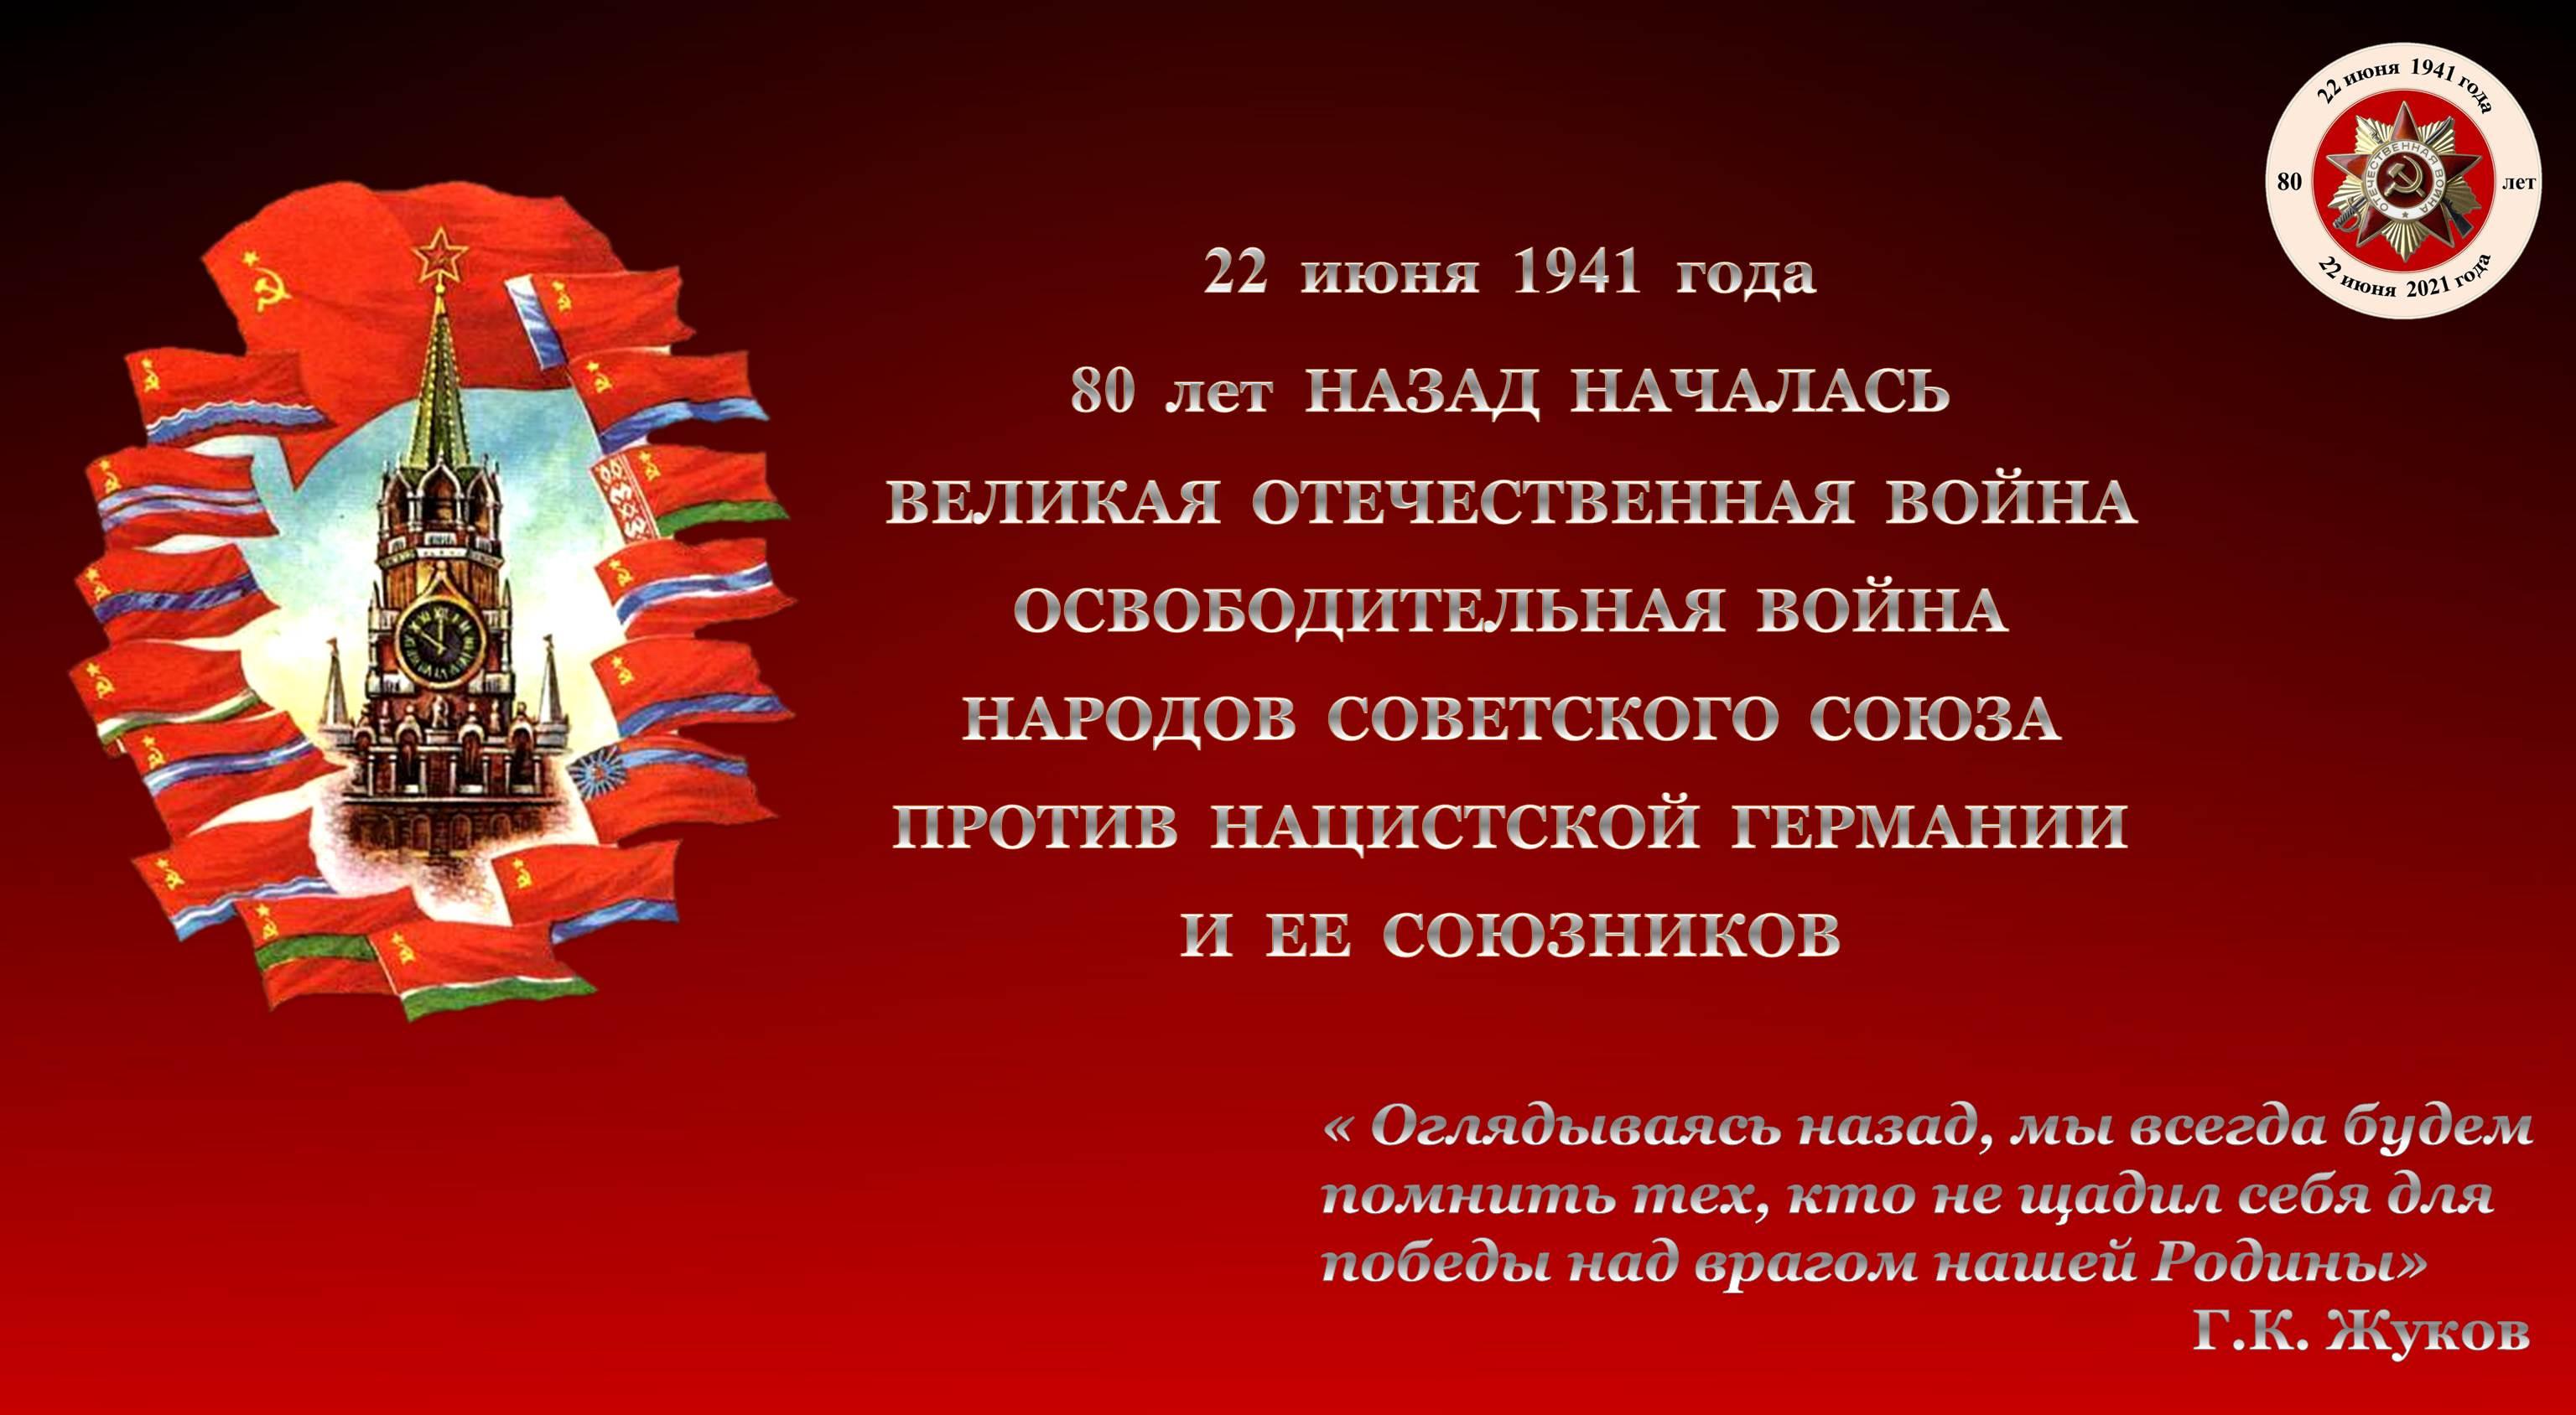 На фото: ОЧЕРКИ 80 ЛЕТИЕ ВЕЛИКОЙ ОТЕЧЕСТВЕННОЙ ВОЙНЕ, автор: Unknown